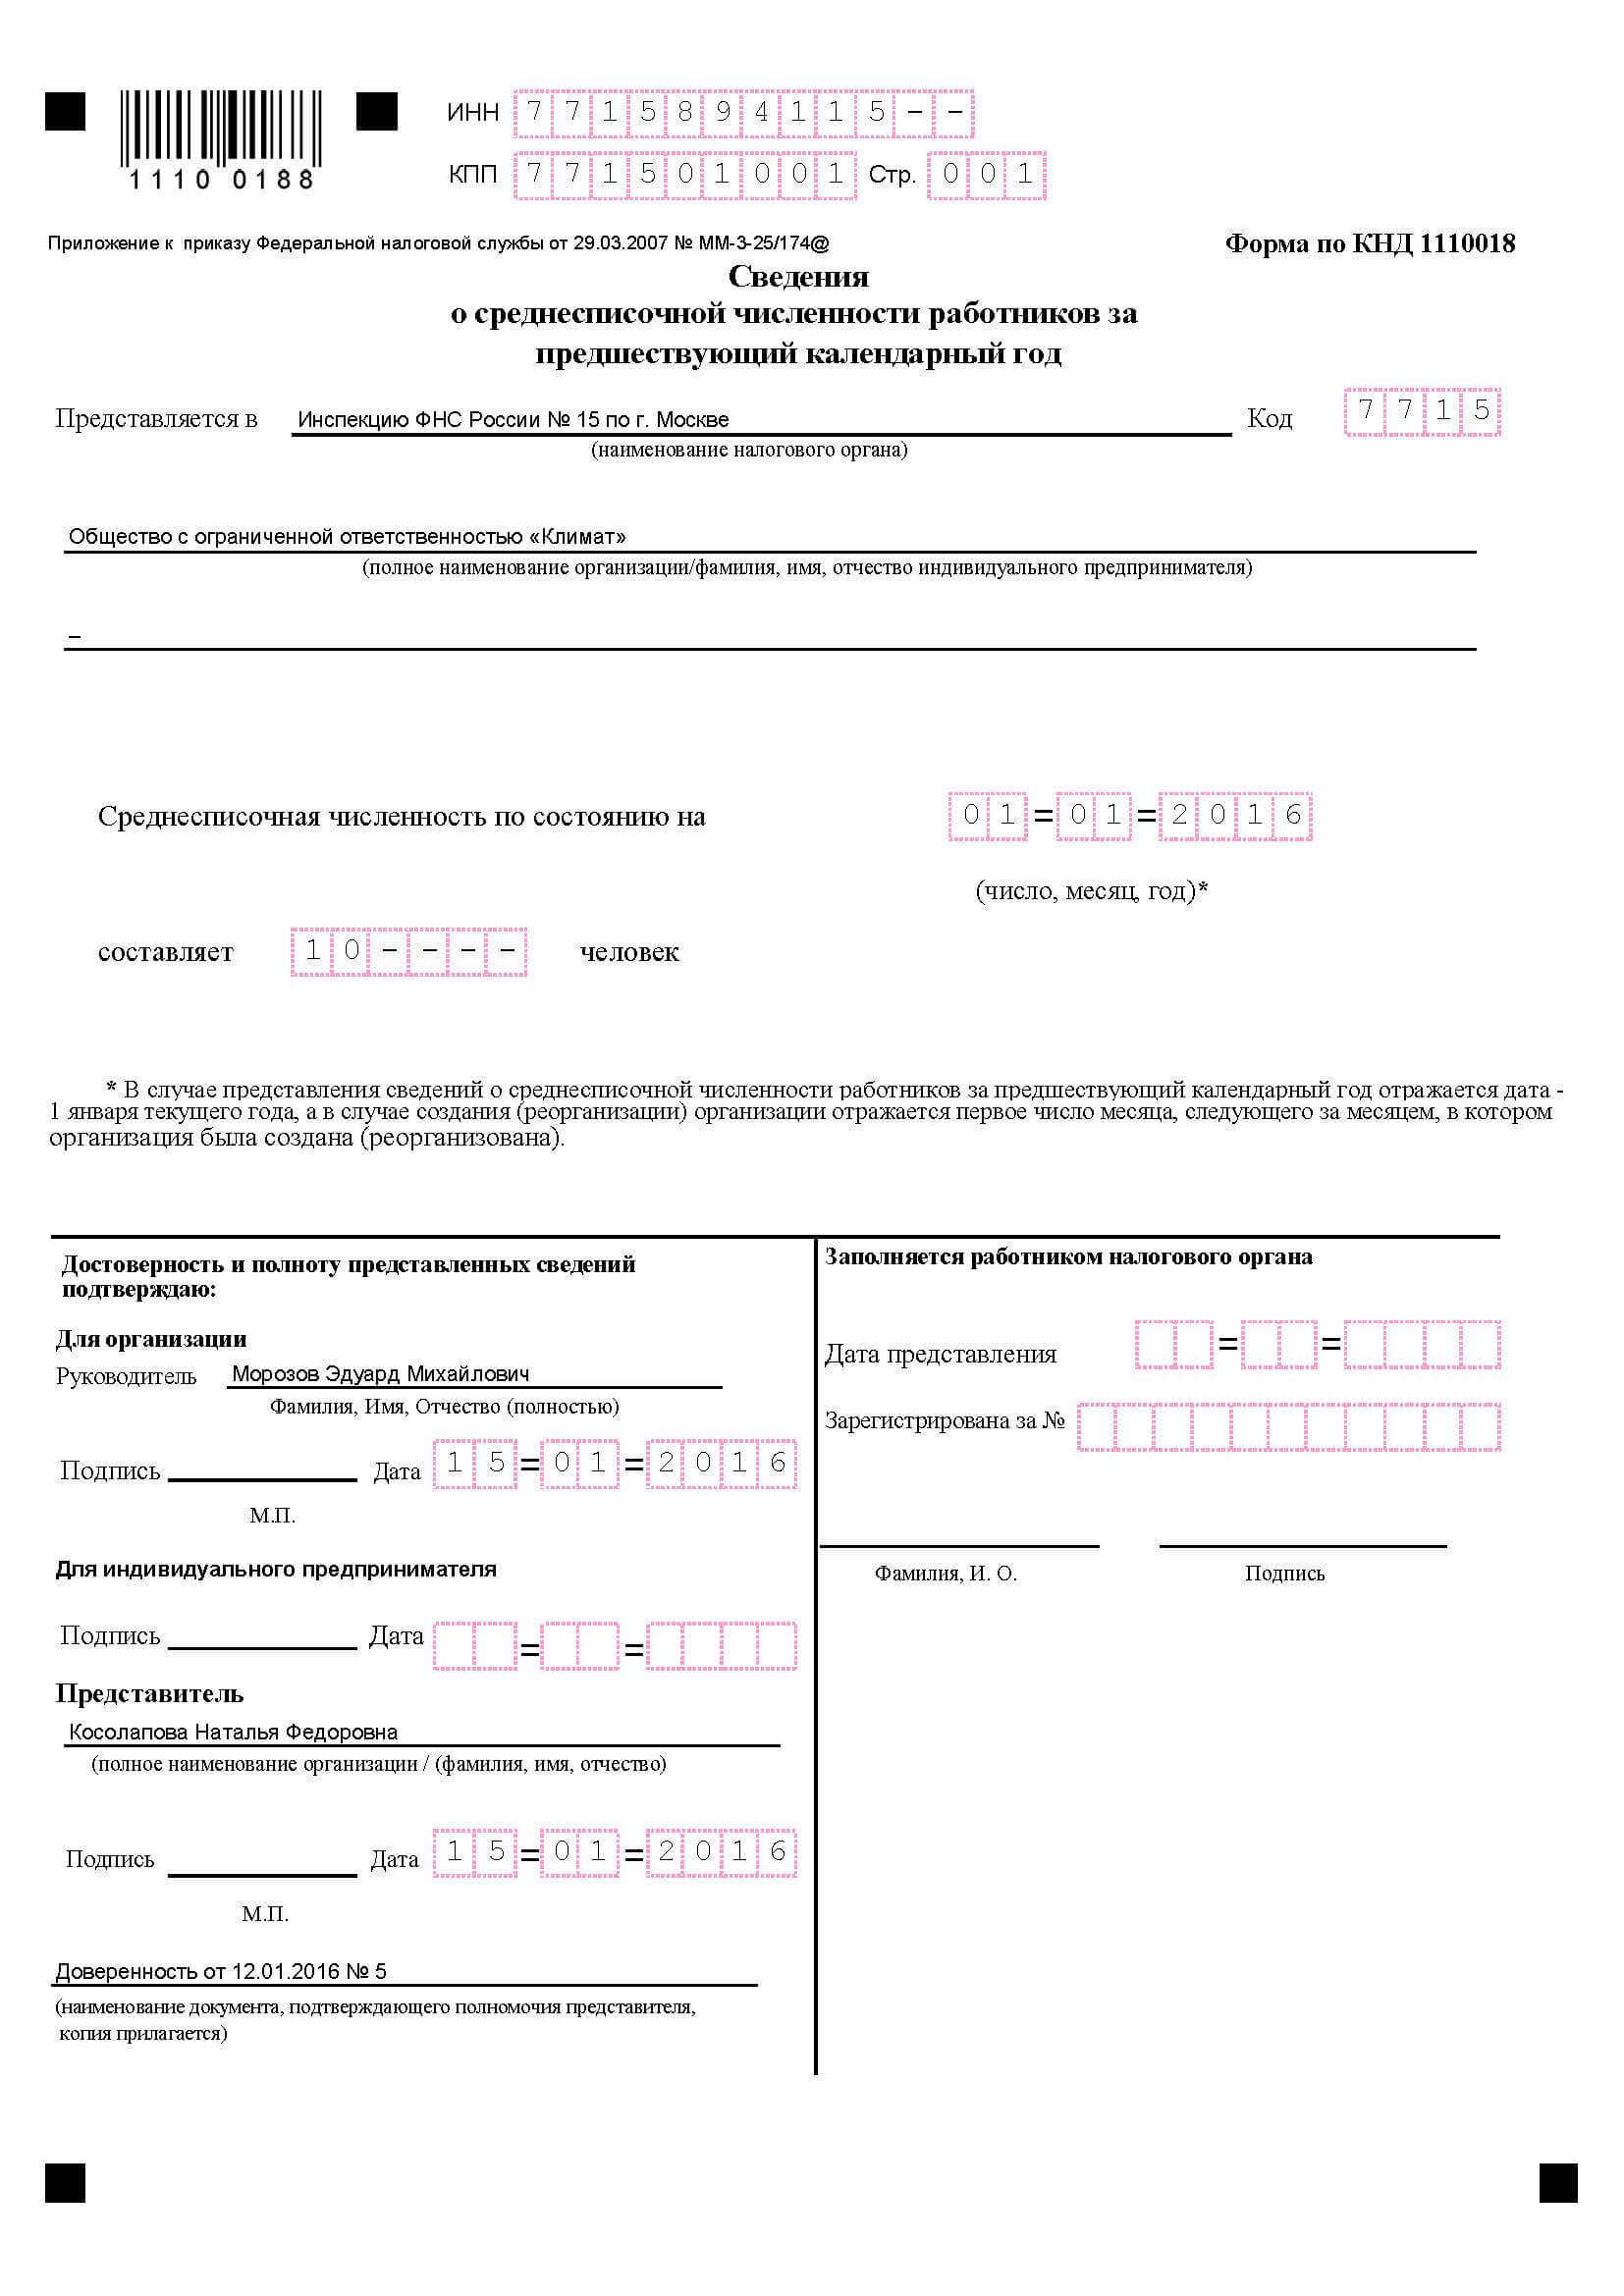 отчет в пфр за сотрудников за 2013 год бланк